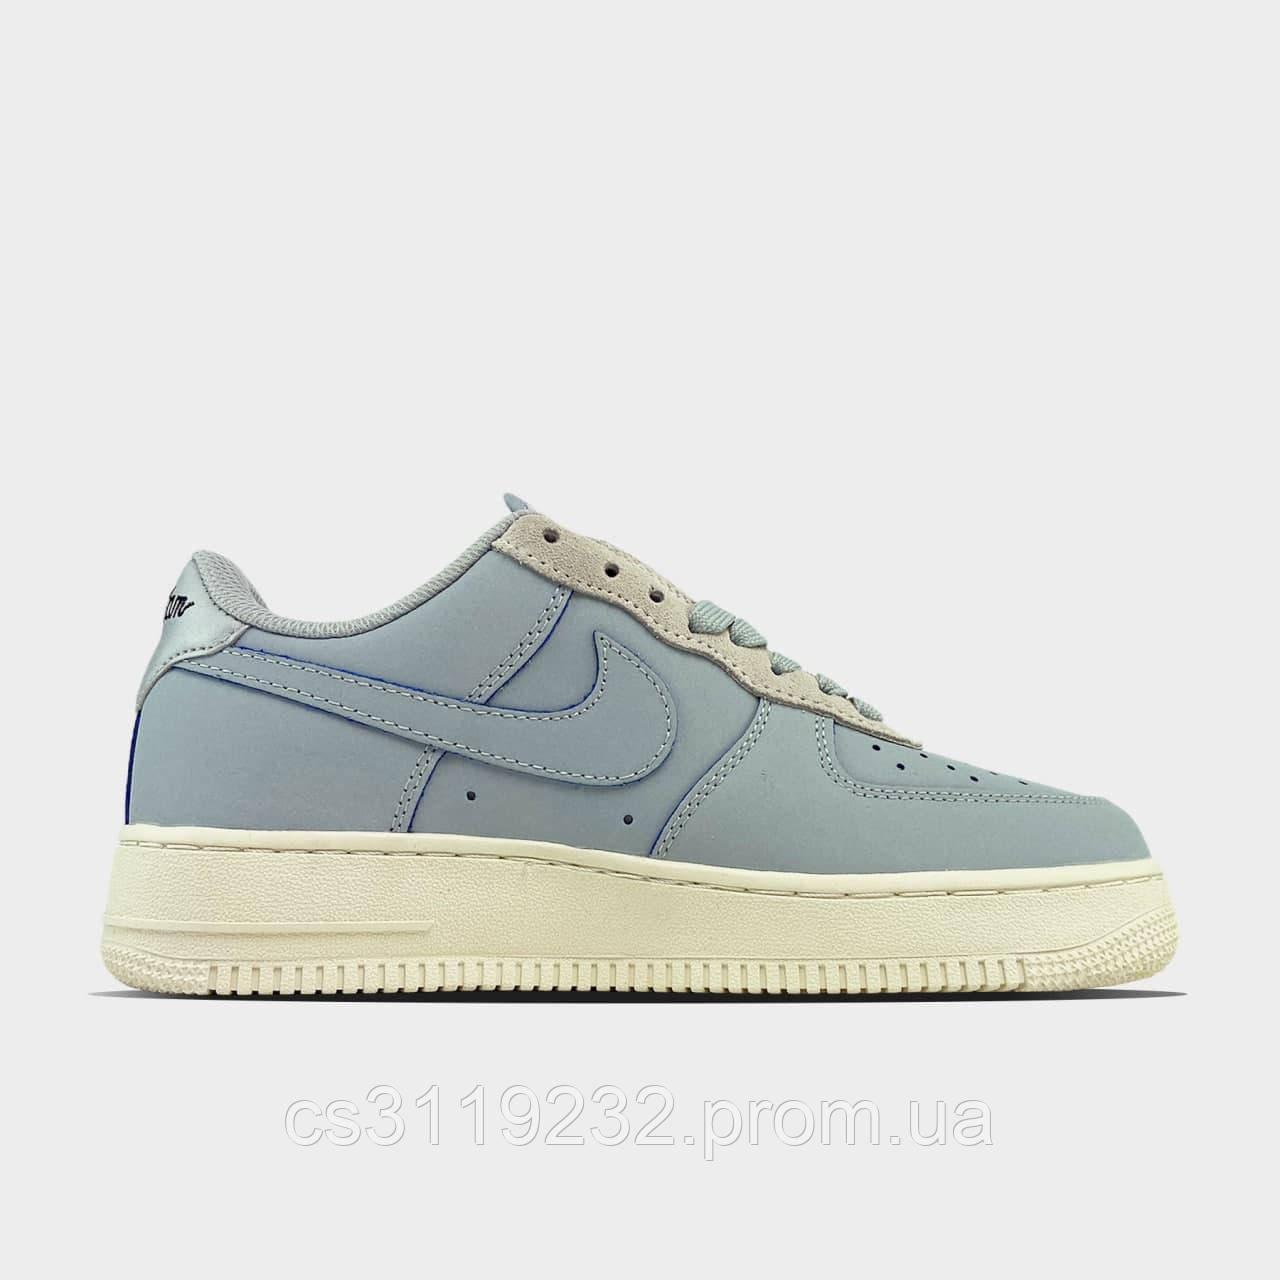 Женские кроссовки Nike Air Force 1 Low Devin Booker  (голубой)